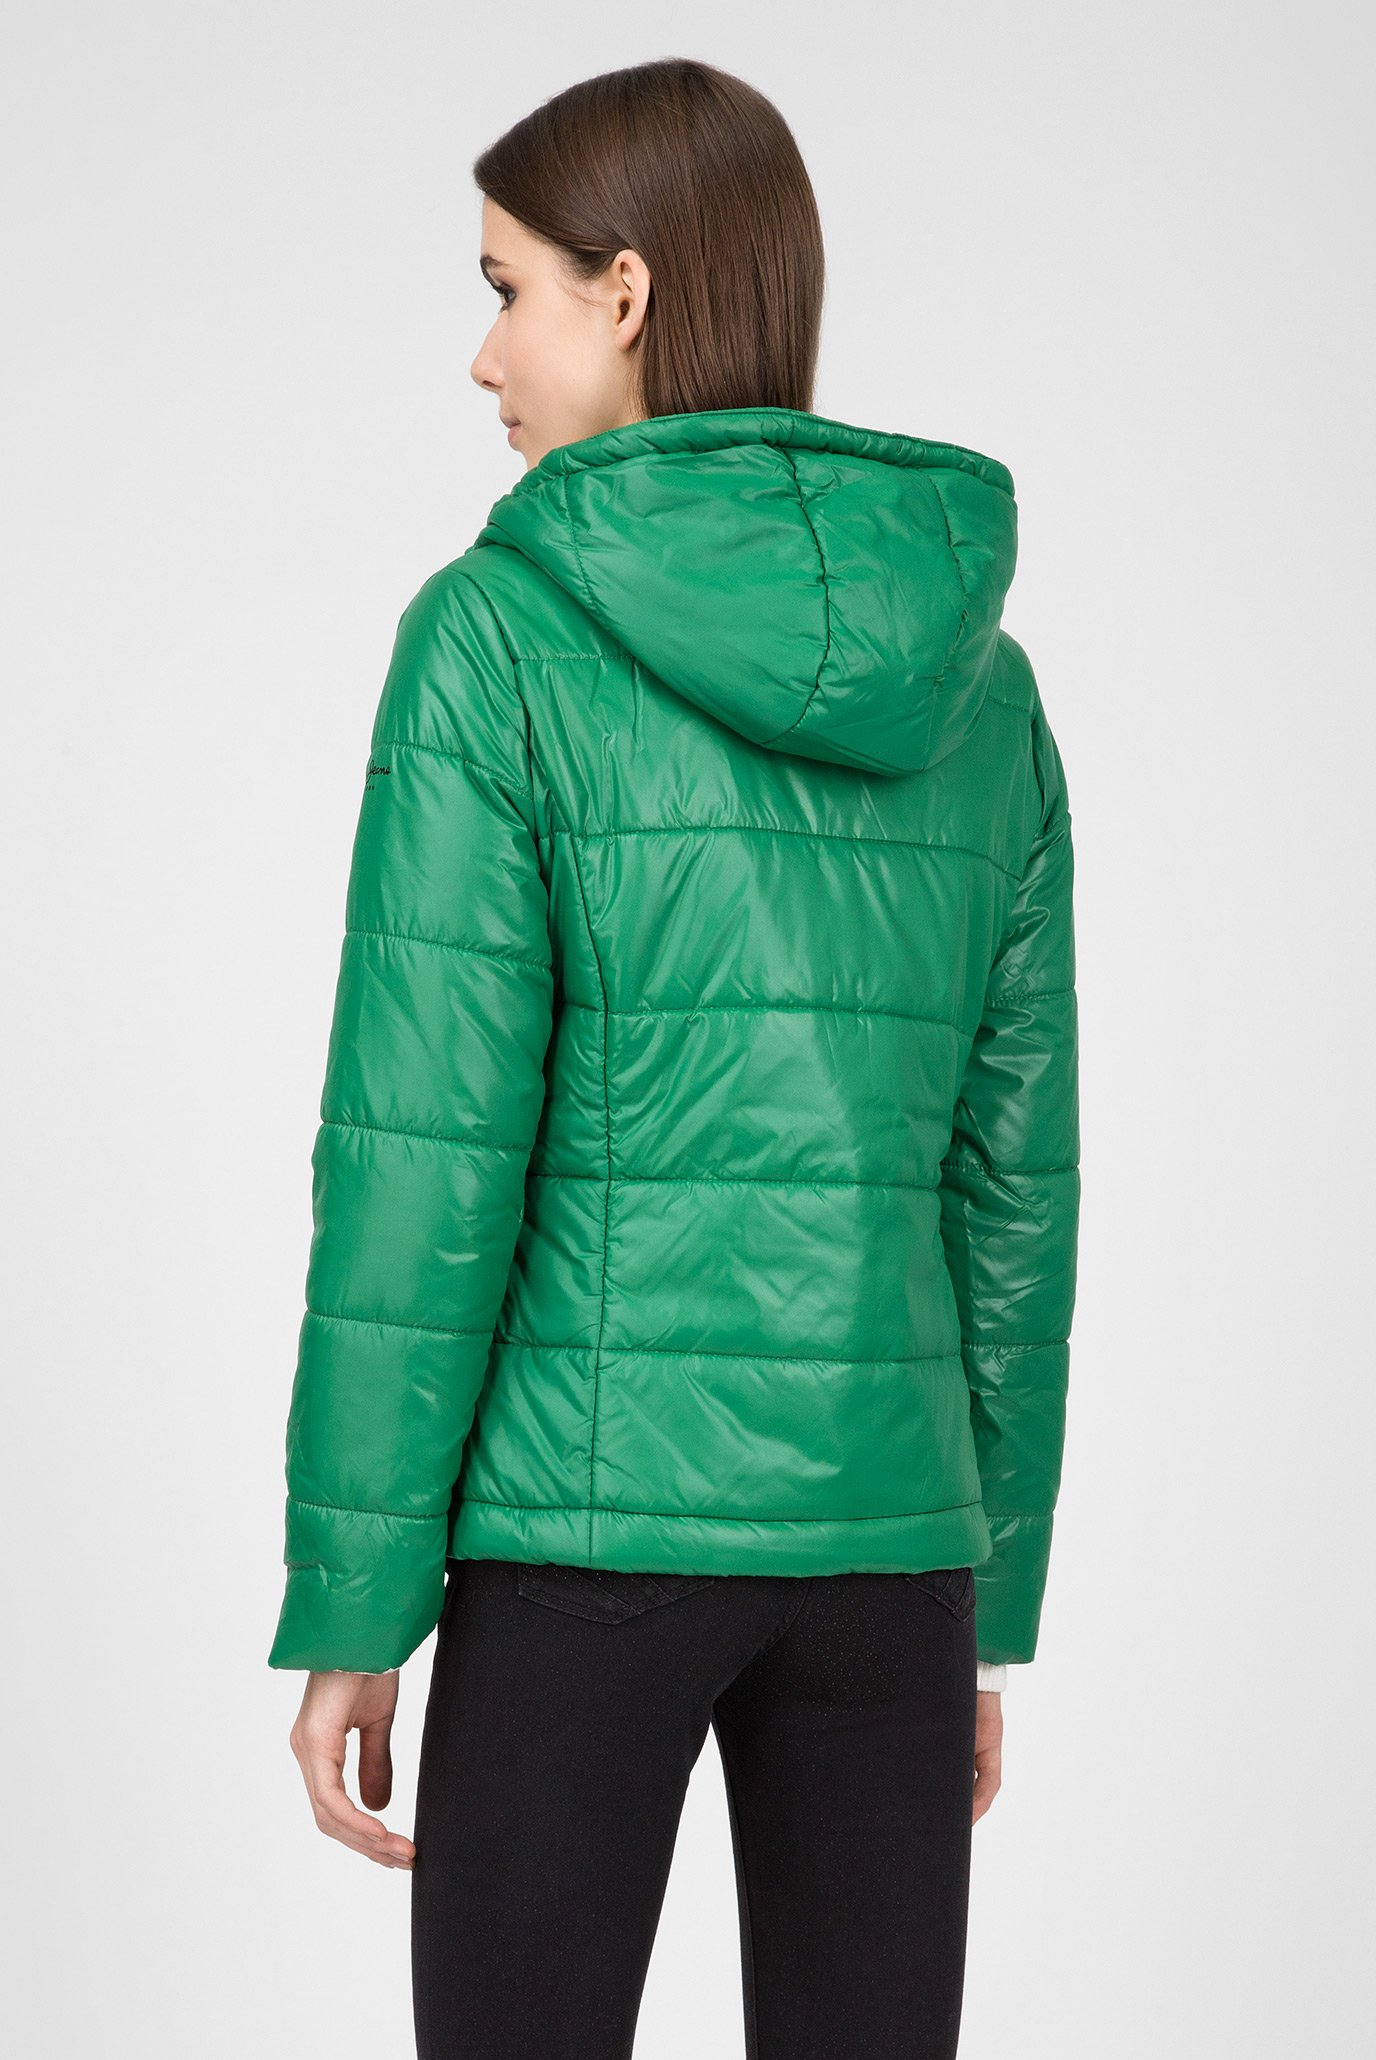 Купить Женская зеленая куртка CANDY Pepe Jeans Pepe Jeans PL401524 – Киев, Украина. Цены в интернет магазине MD Fashion